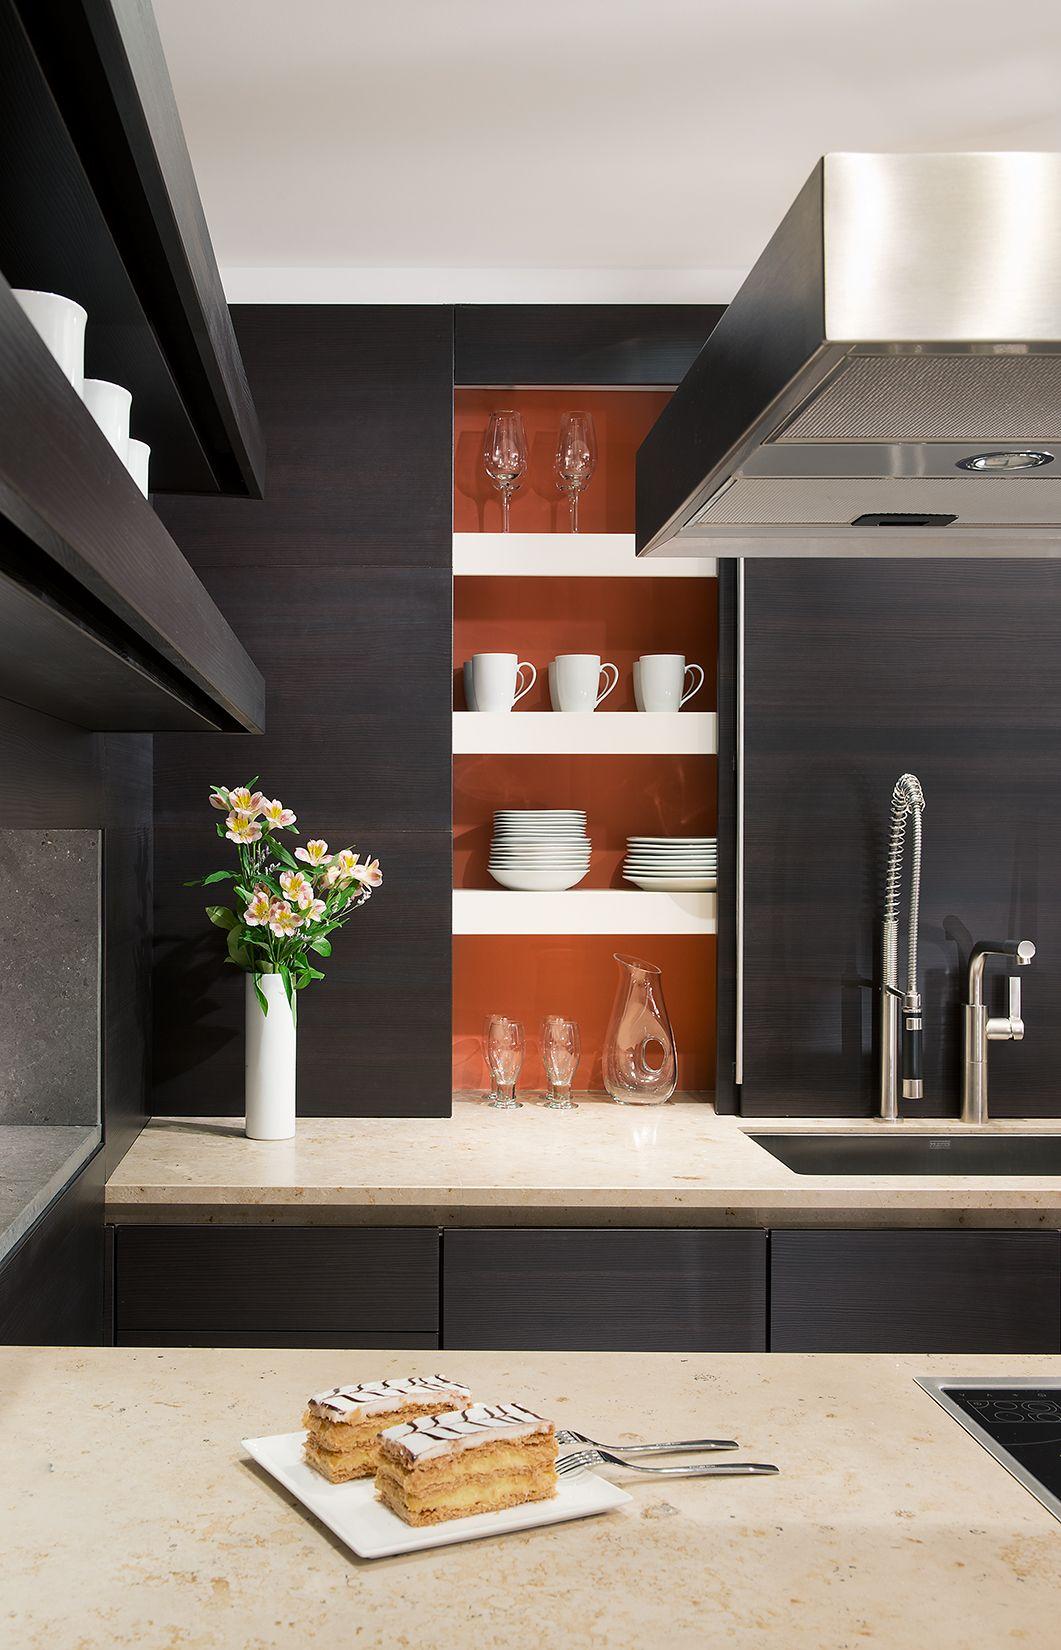 KONST SieMatic Kitchen Interior Design - Grey Modern Cabinetry